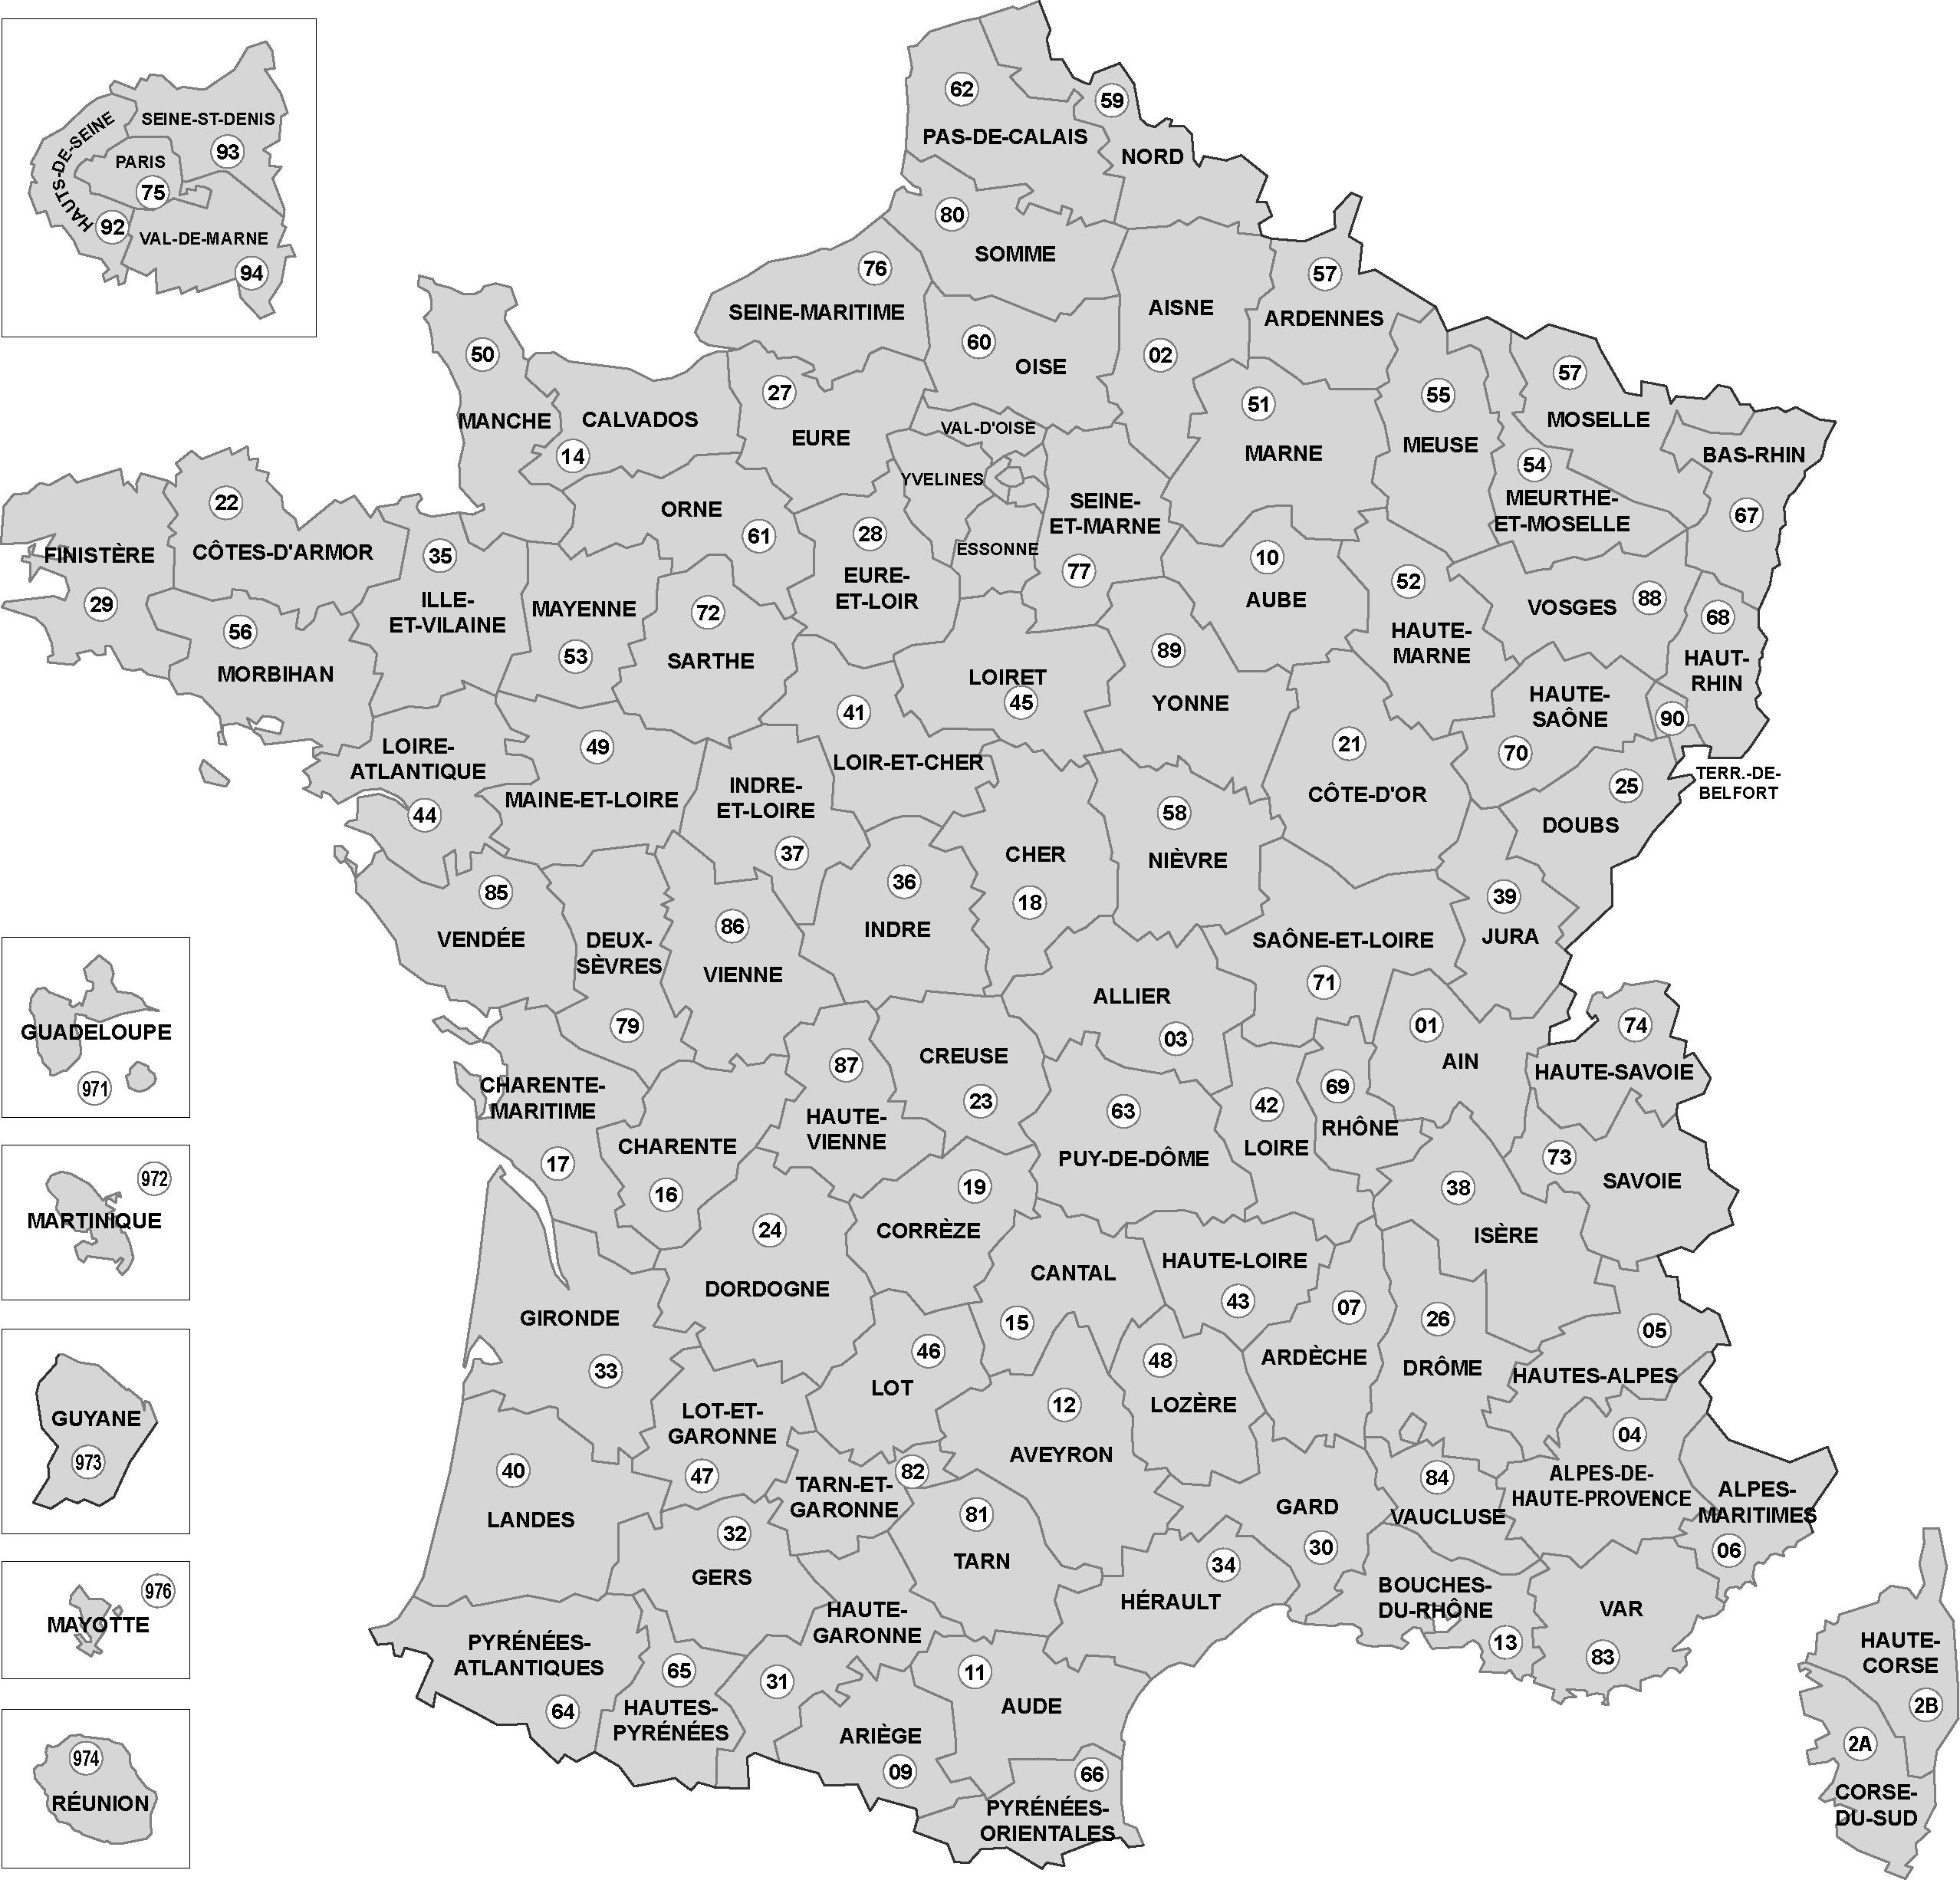 Cartes De France, Cartes Et Rmations Des Régions dedans Departement Francais 39